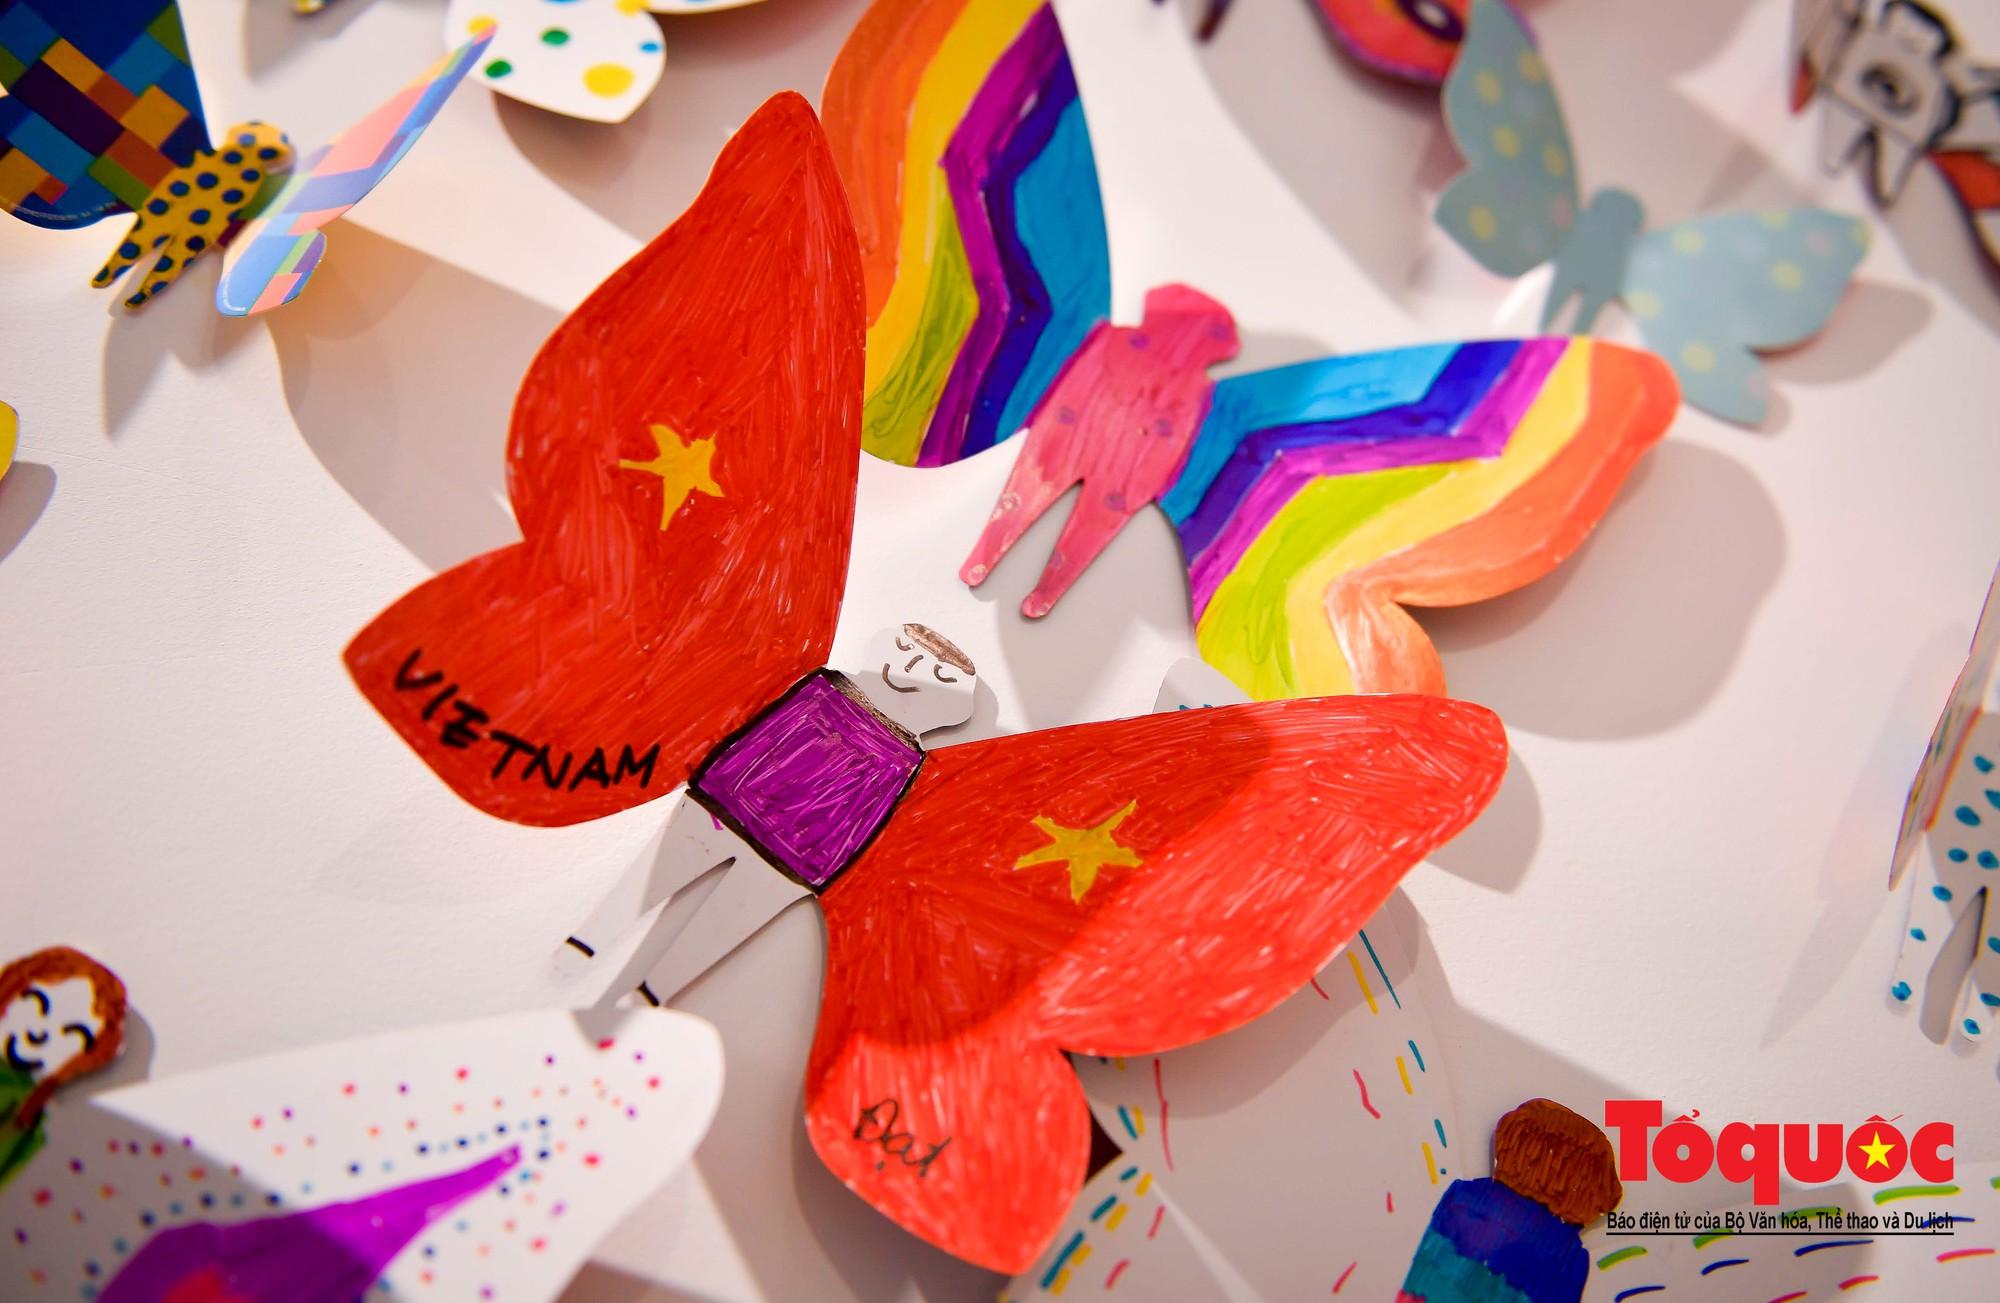 Hàng ngàn cánh bướm mang thông điệp hoà bình giữa lòng Hà Nội23